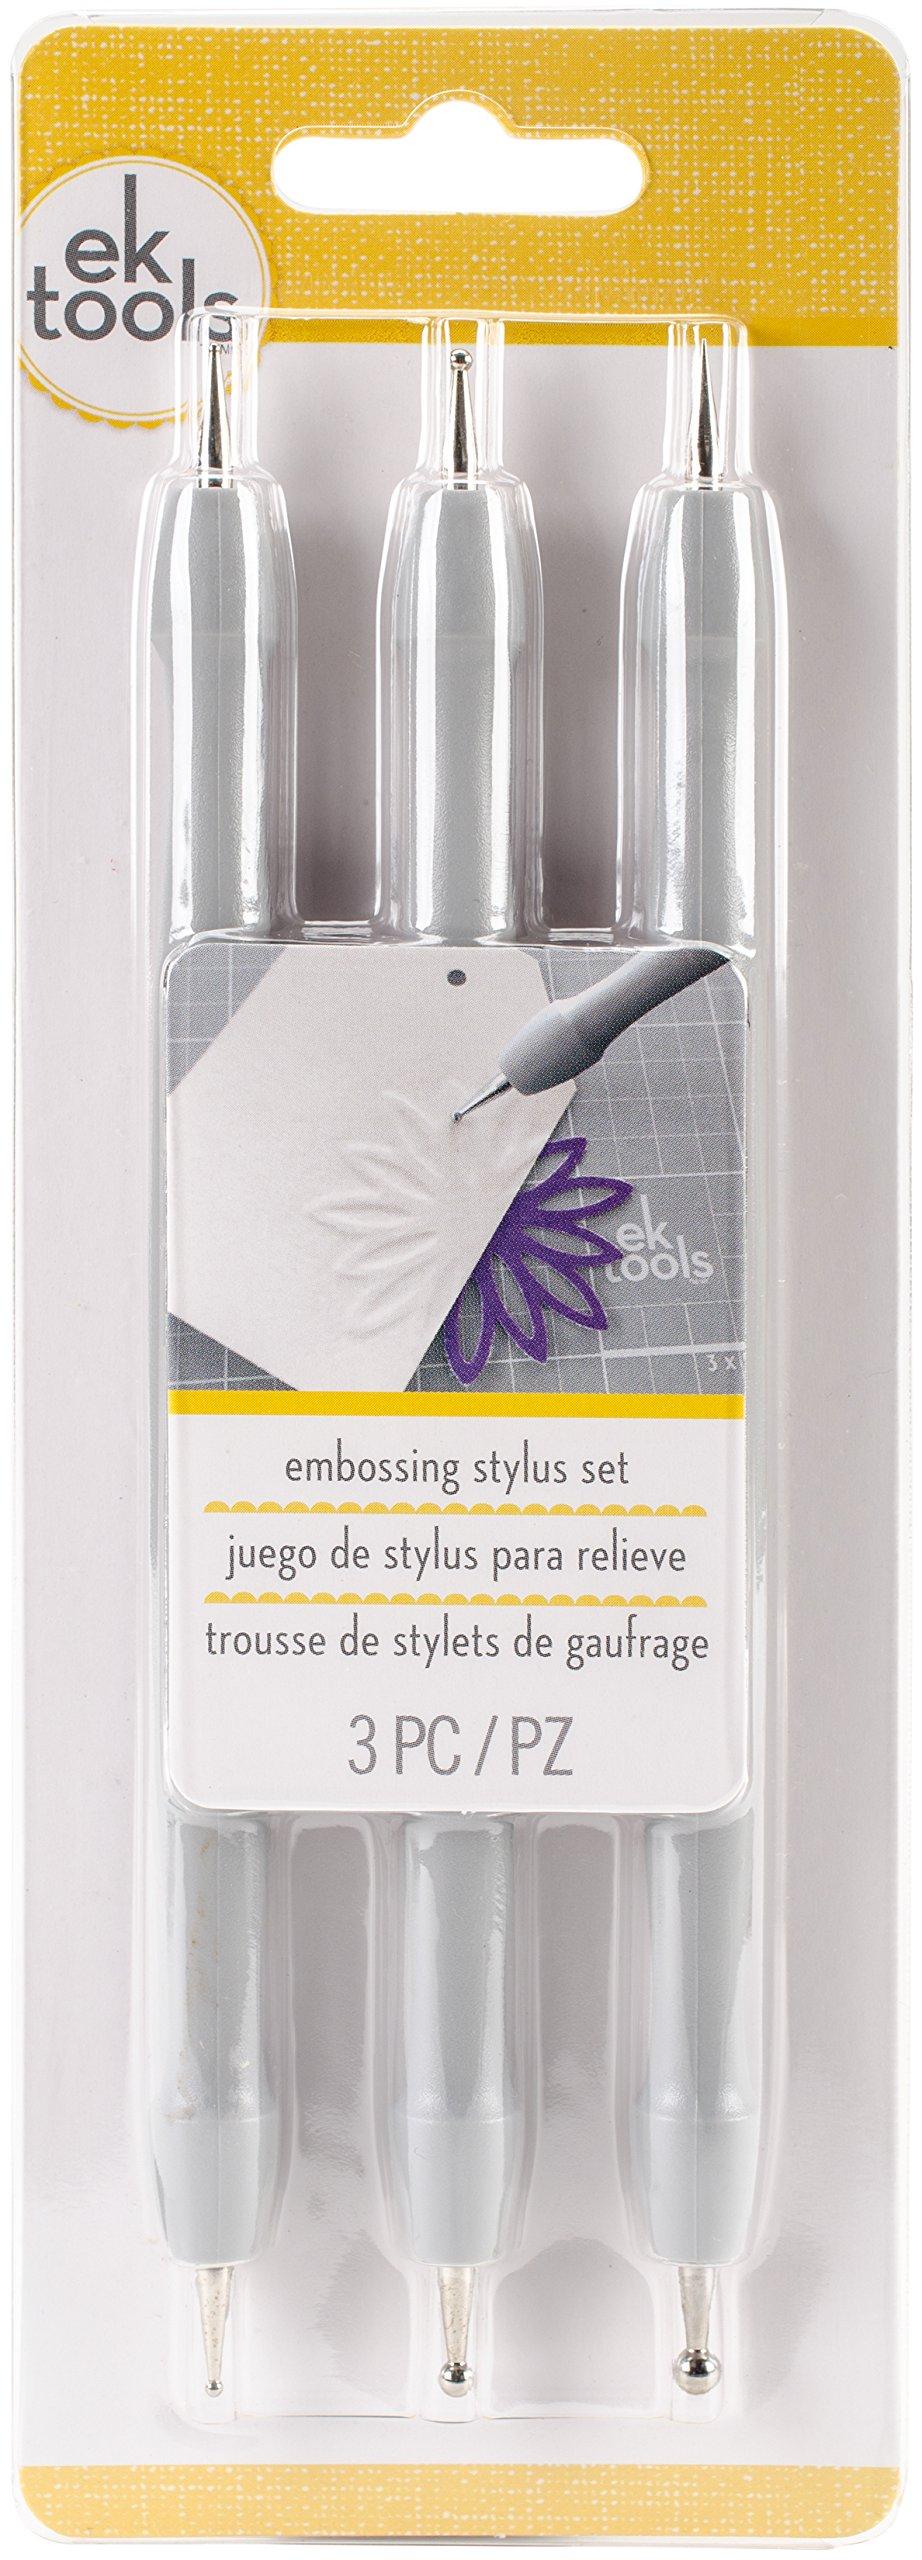 EK Tools 54-01012 Set de Perforadoraes para gofrar